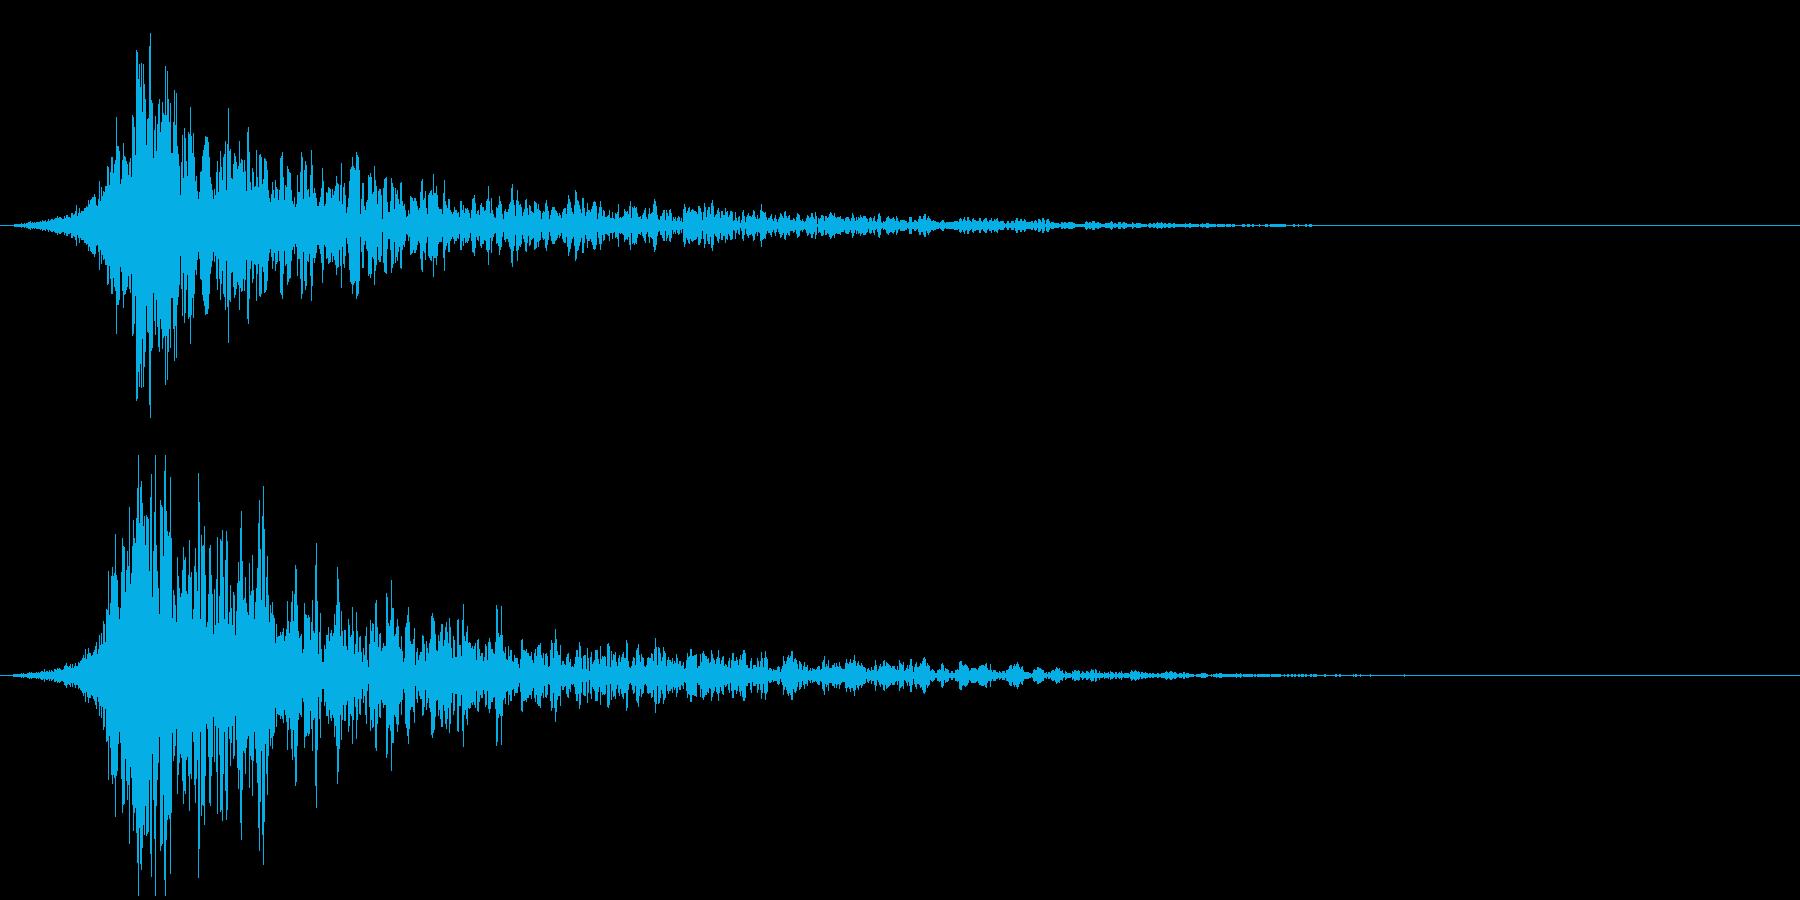 シュードーン-37-2(インパクト音)の再生済みの波形